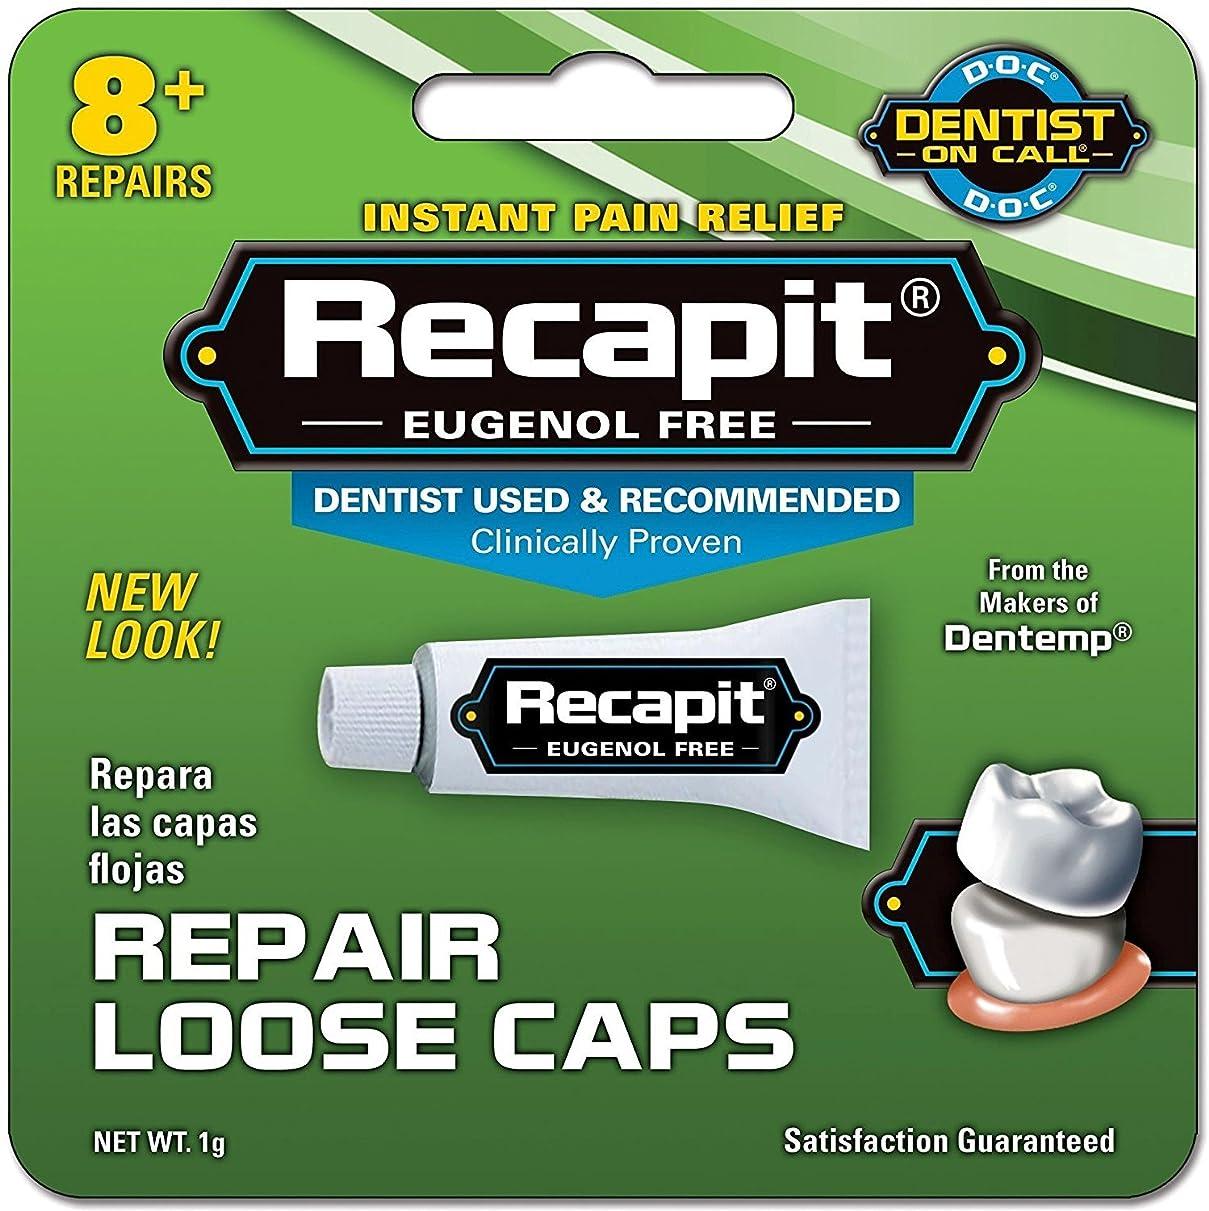 入り口長いです持参Doc Recapitルースキャップ歯科修復 - 8つの修理、2パック